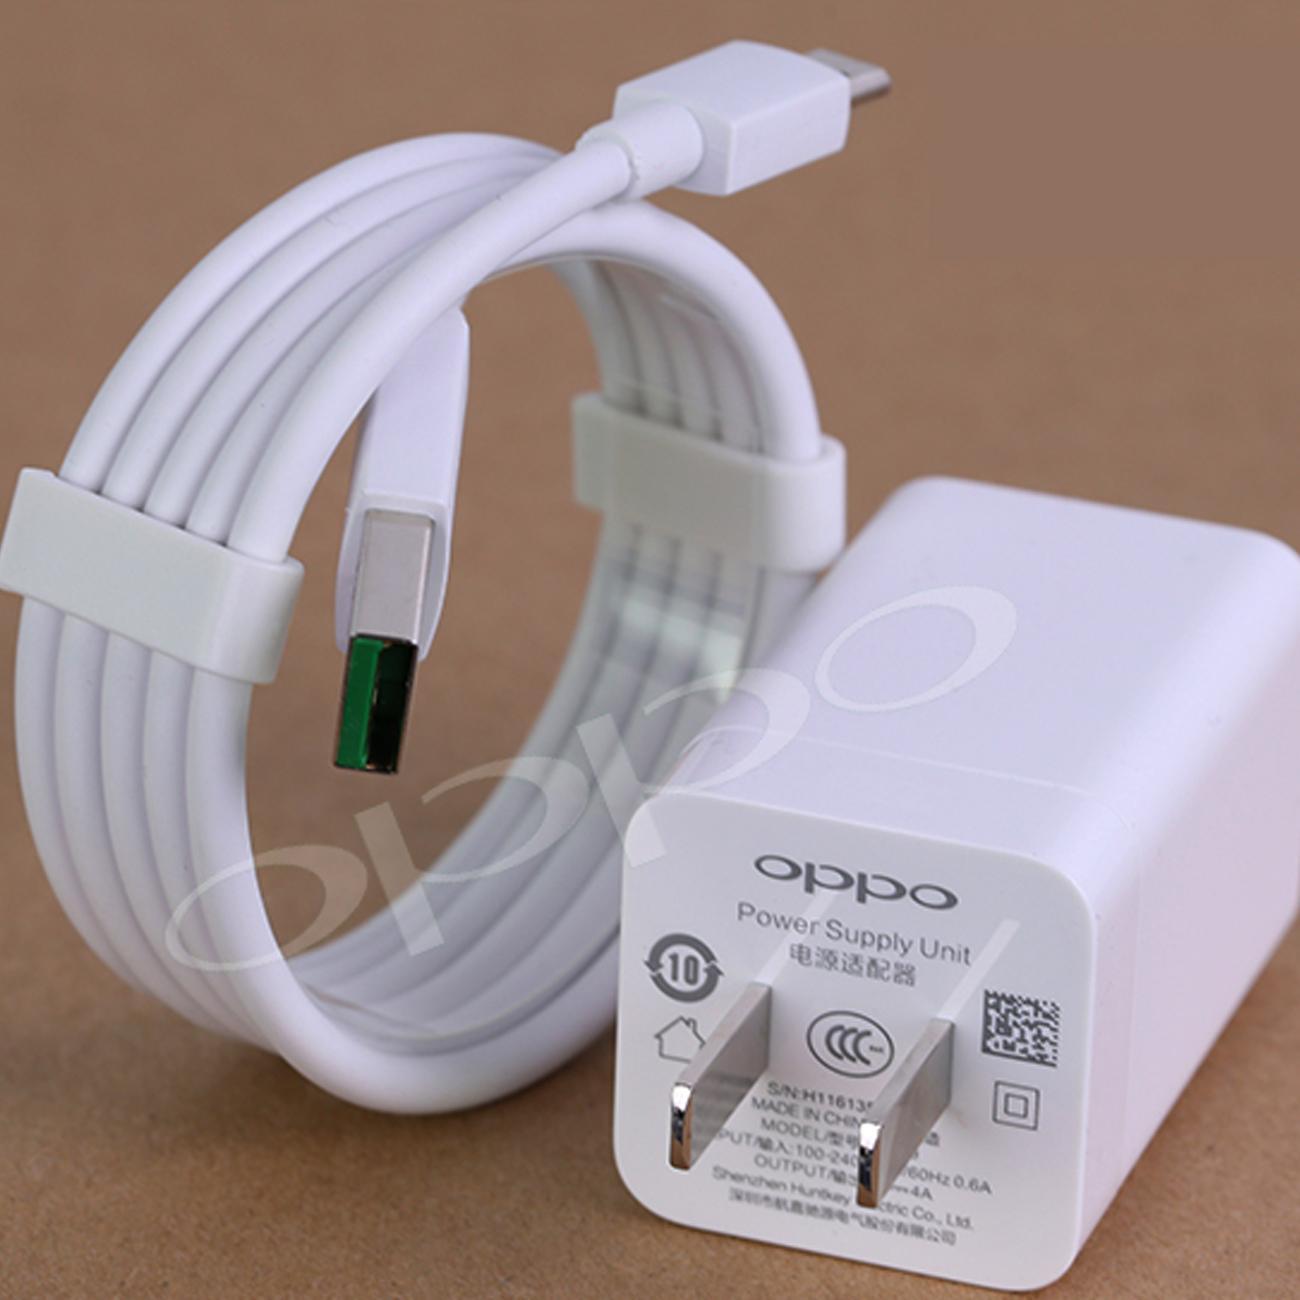 Bộ Cóc Sạc Nhanh OPPO 4.0 - AK779 dung cho cac dòng ĐT Oppo F3, Find 7, X9006, R7s, R7 Plus, R9, R9 Plus, R9s, R9s Plus, R5, N3, F1 Plus, F3 Plus, F9, F9+